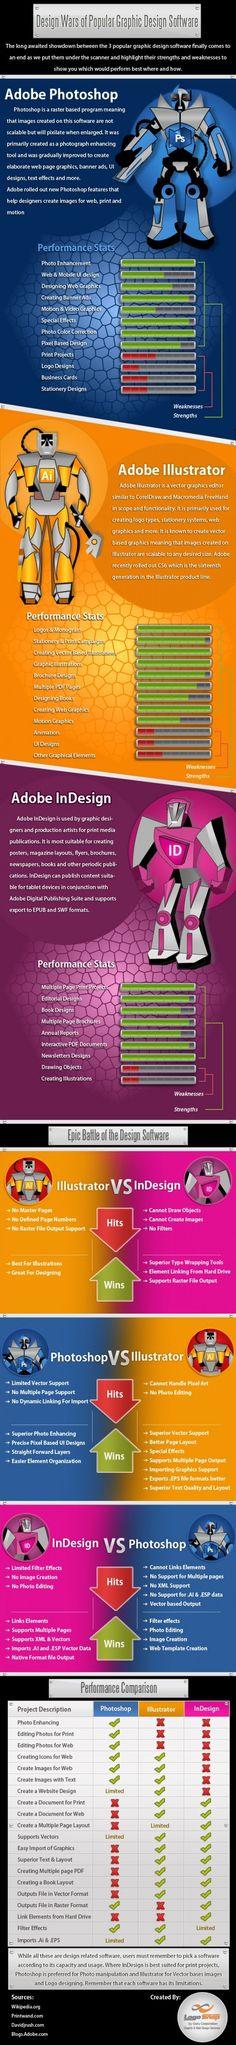 Battle of 3 Popular Graphic Design Software gefunden auf www.proformablog.com gepinned von der Hamburger Werbeagentur BlickeDeeler. Ihr wollt mehr Infos über die Agentur? www.BlickeDeeler.de this is pretty accurate